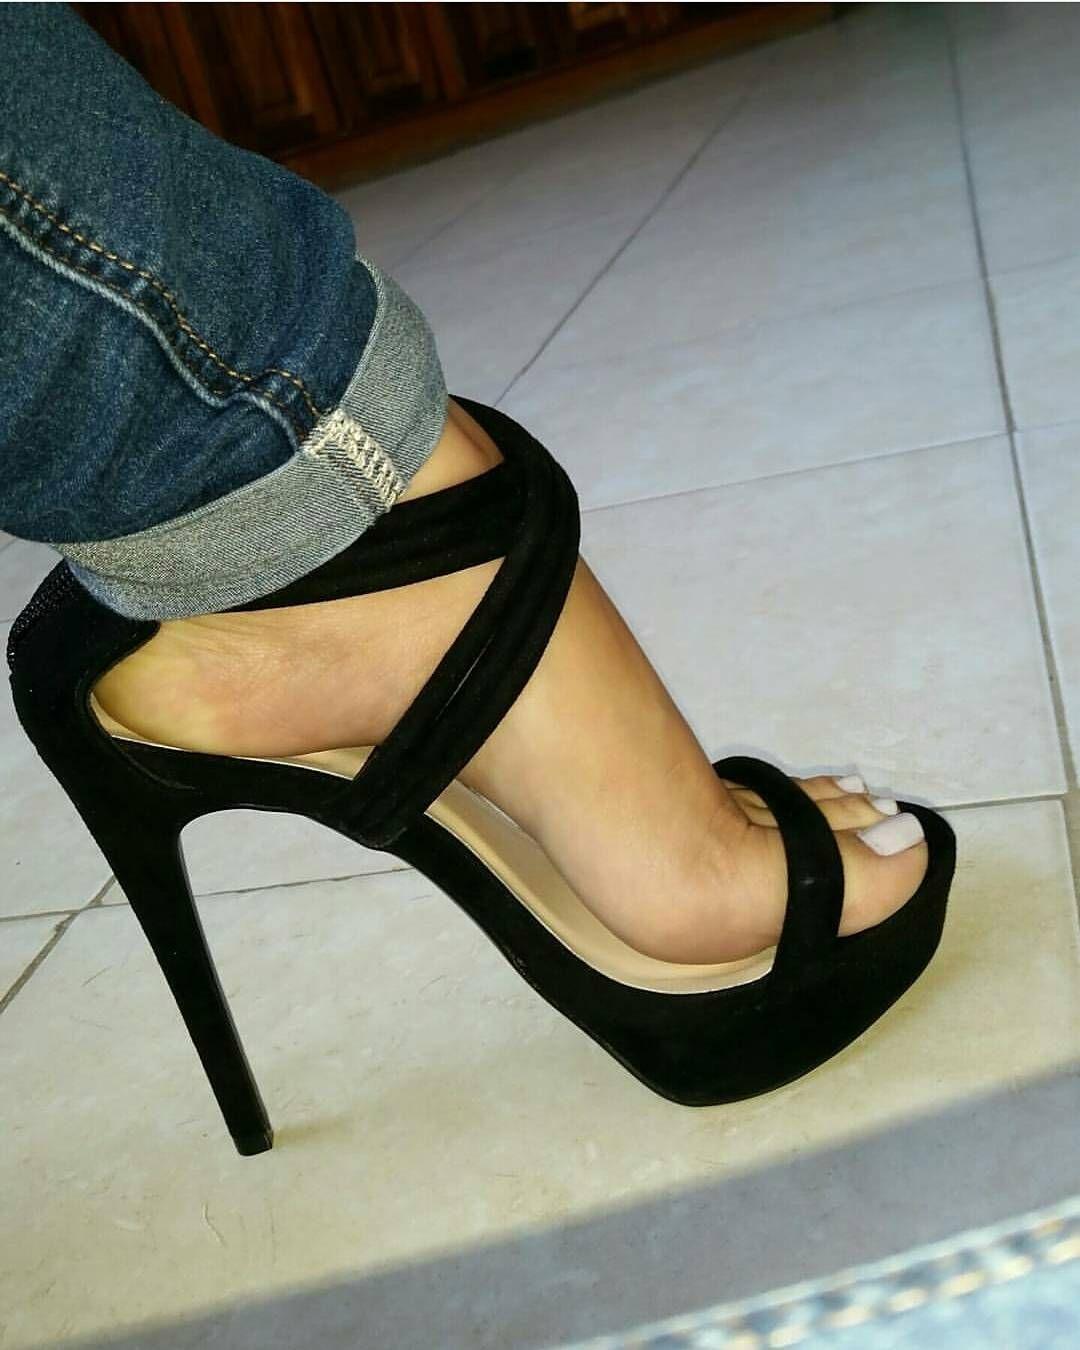 Sexy Schuhe für Frauen mit großen Füßen